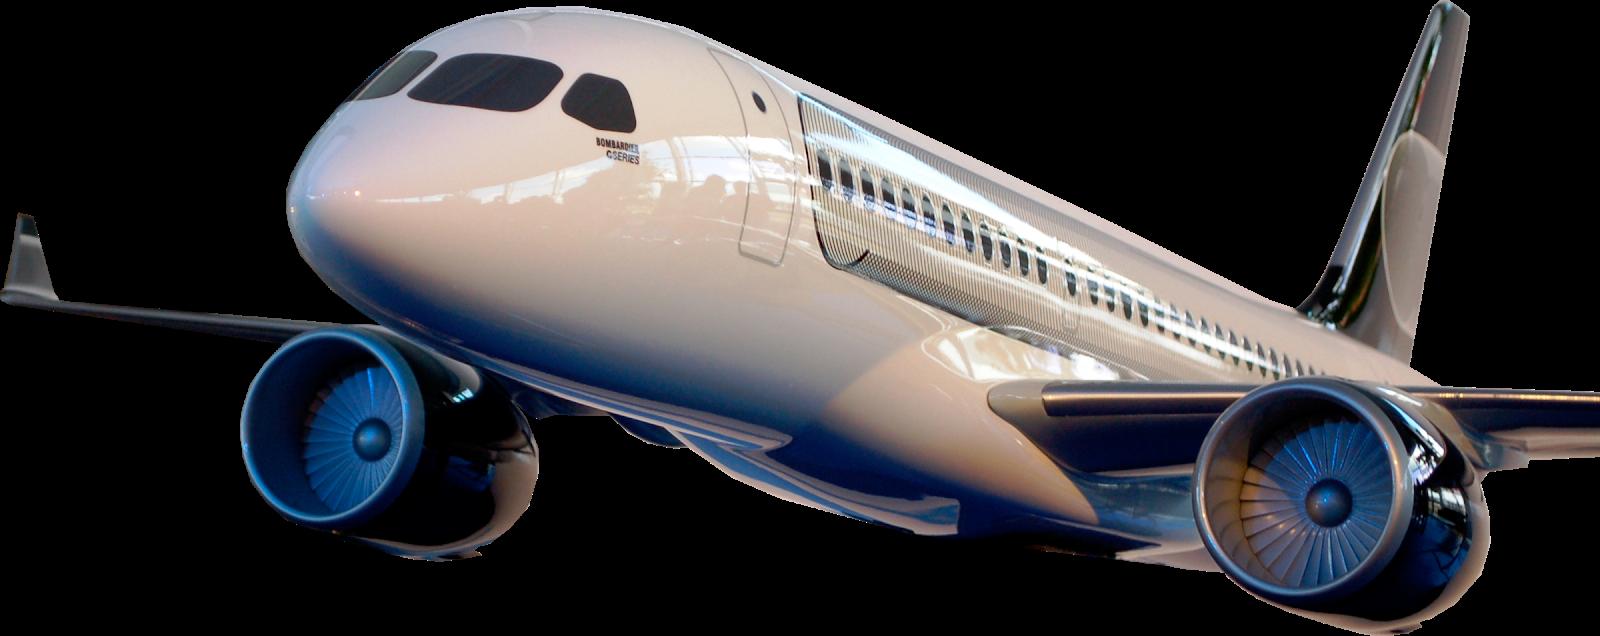 Самолет в картинках прозрачный фон, днем рождения картинка